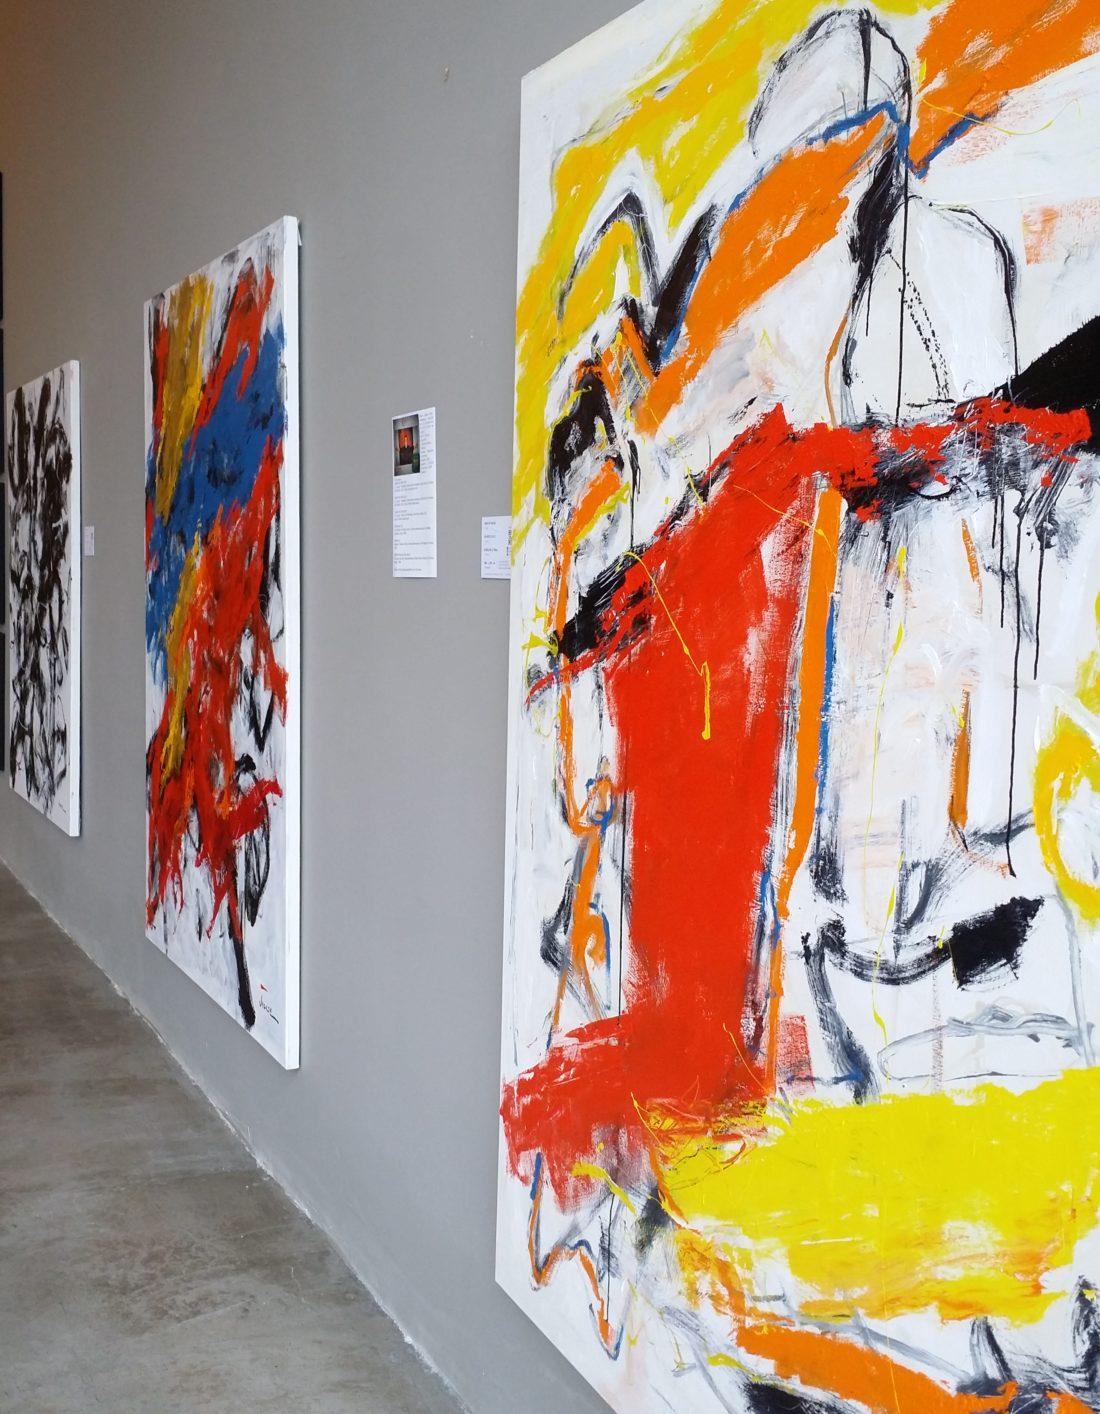 Obras Abstratas de Joarez Filho